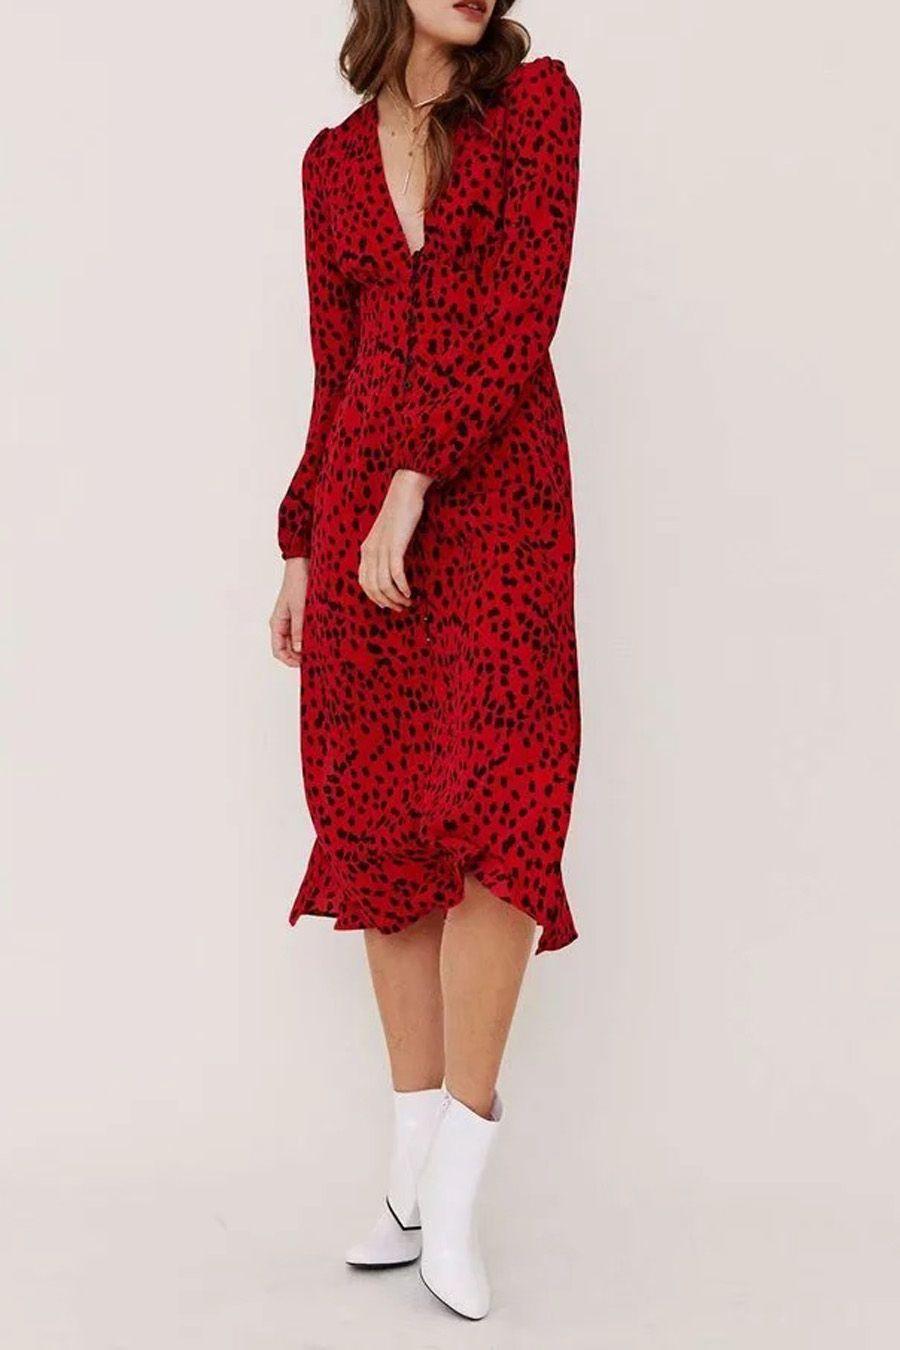 Red V Neck Leopard Print Long Sleeve Women Midi Dress Red Long Sleeve Midi Dress Womens Midi Dresses Women Long Sleeve [ 1350 x 900 Pixel ]